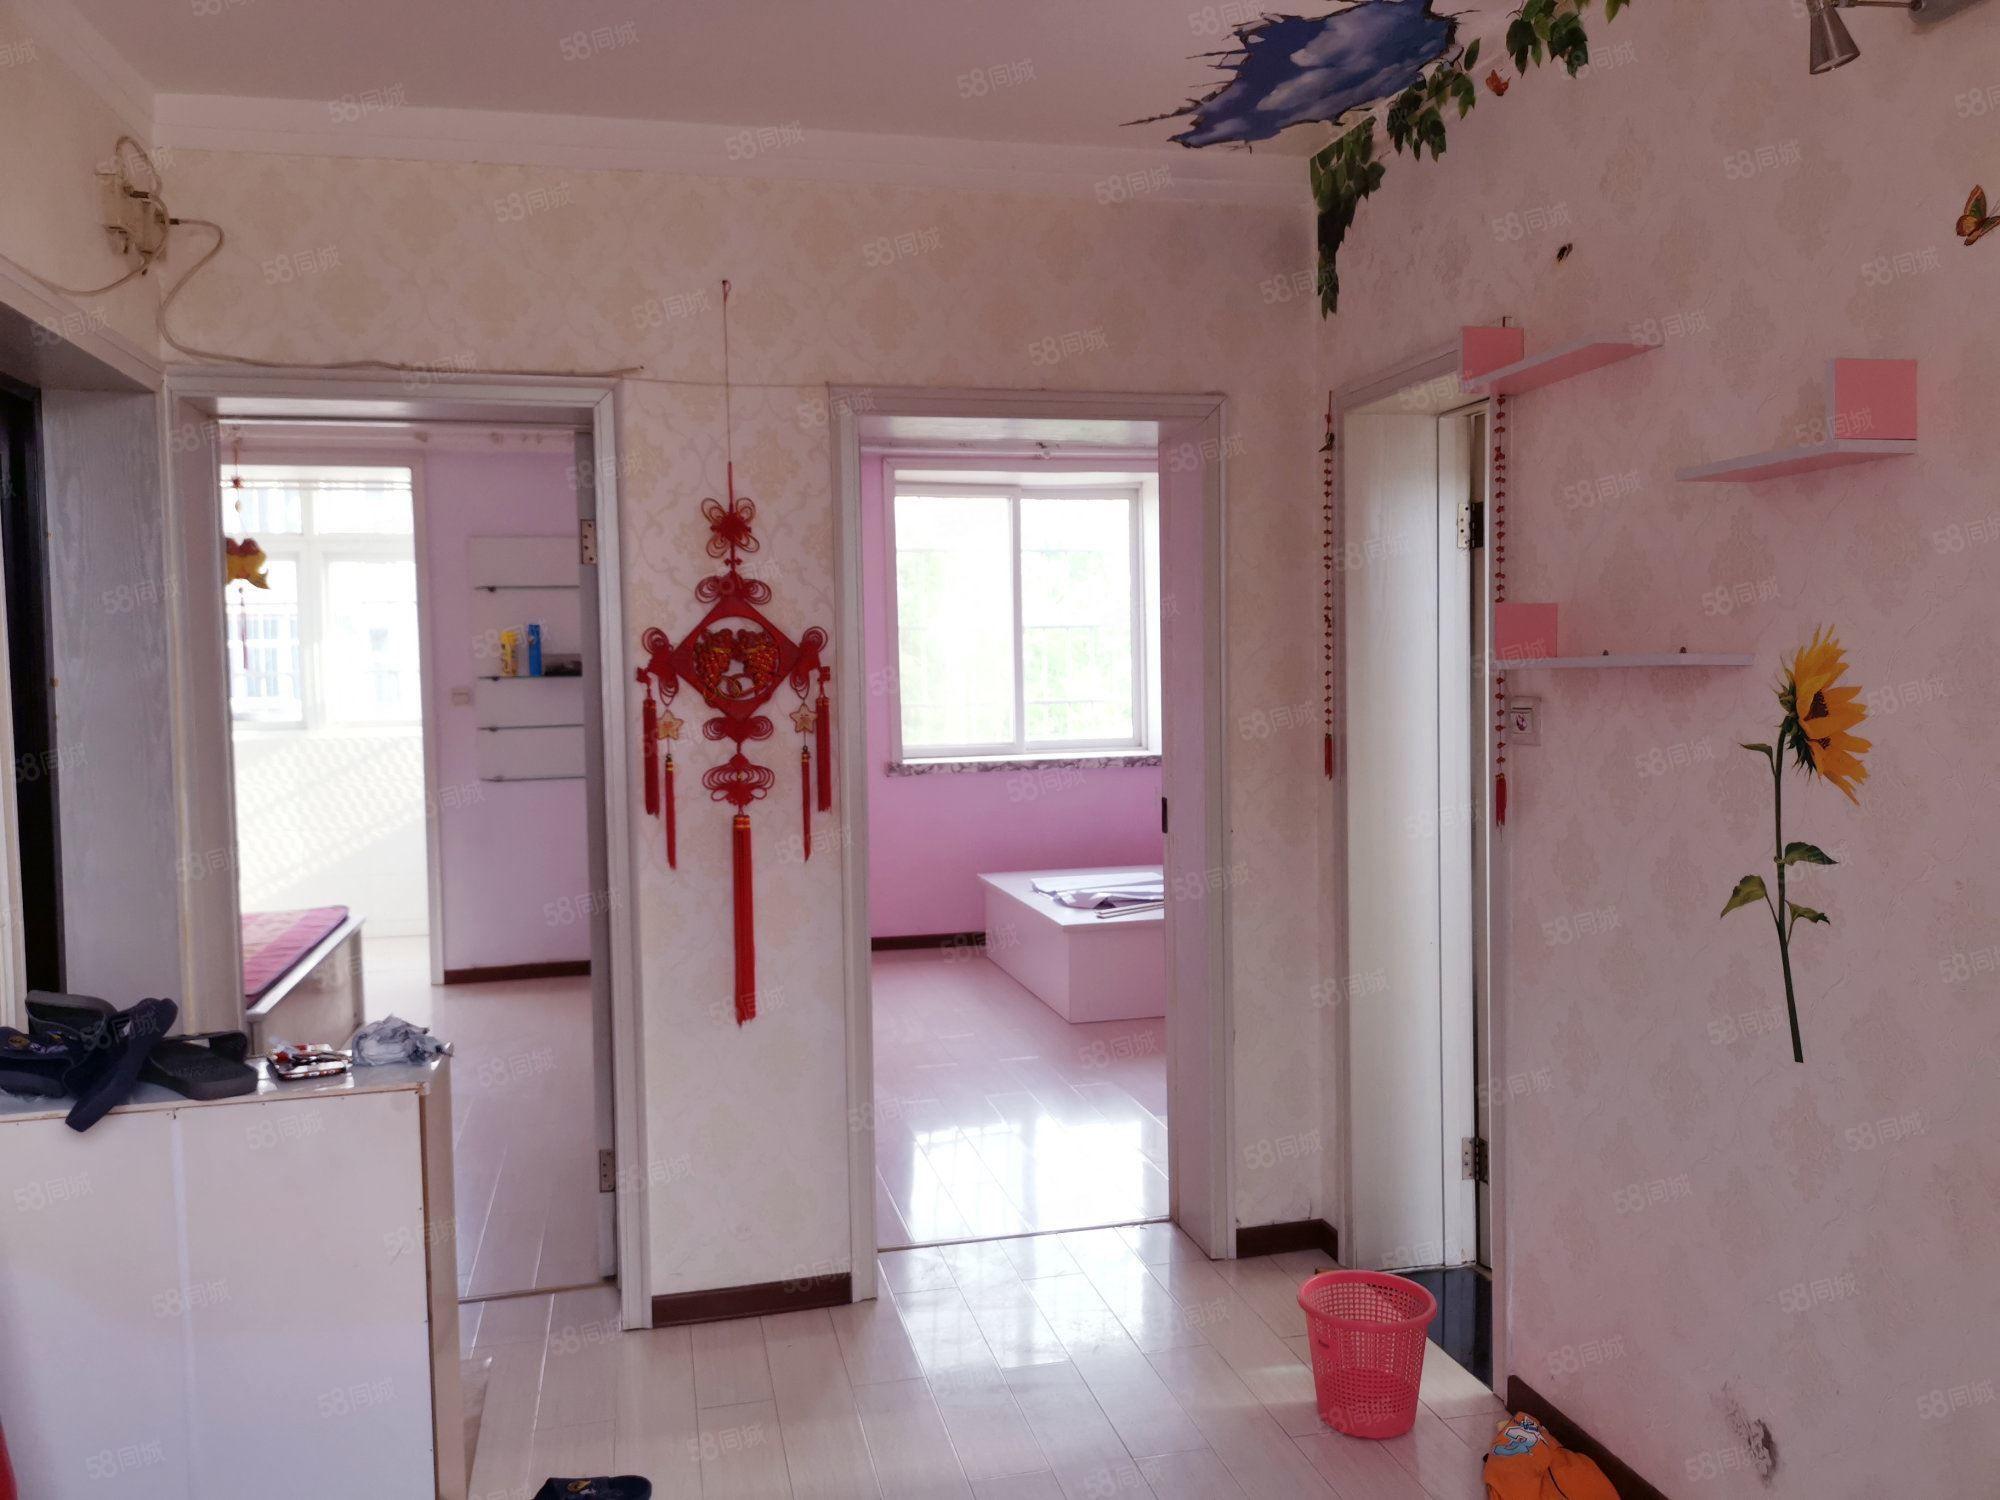 李园2楼精装婚房急售,集体户口可落户,积分60分,随时看房